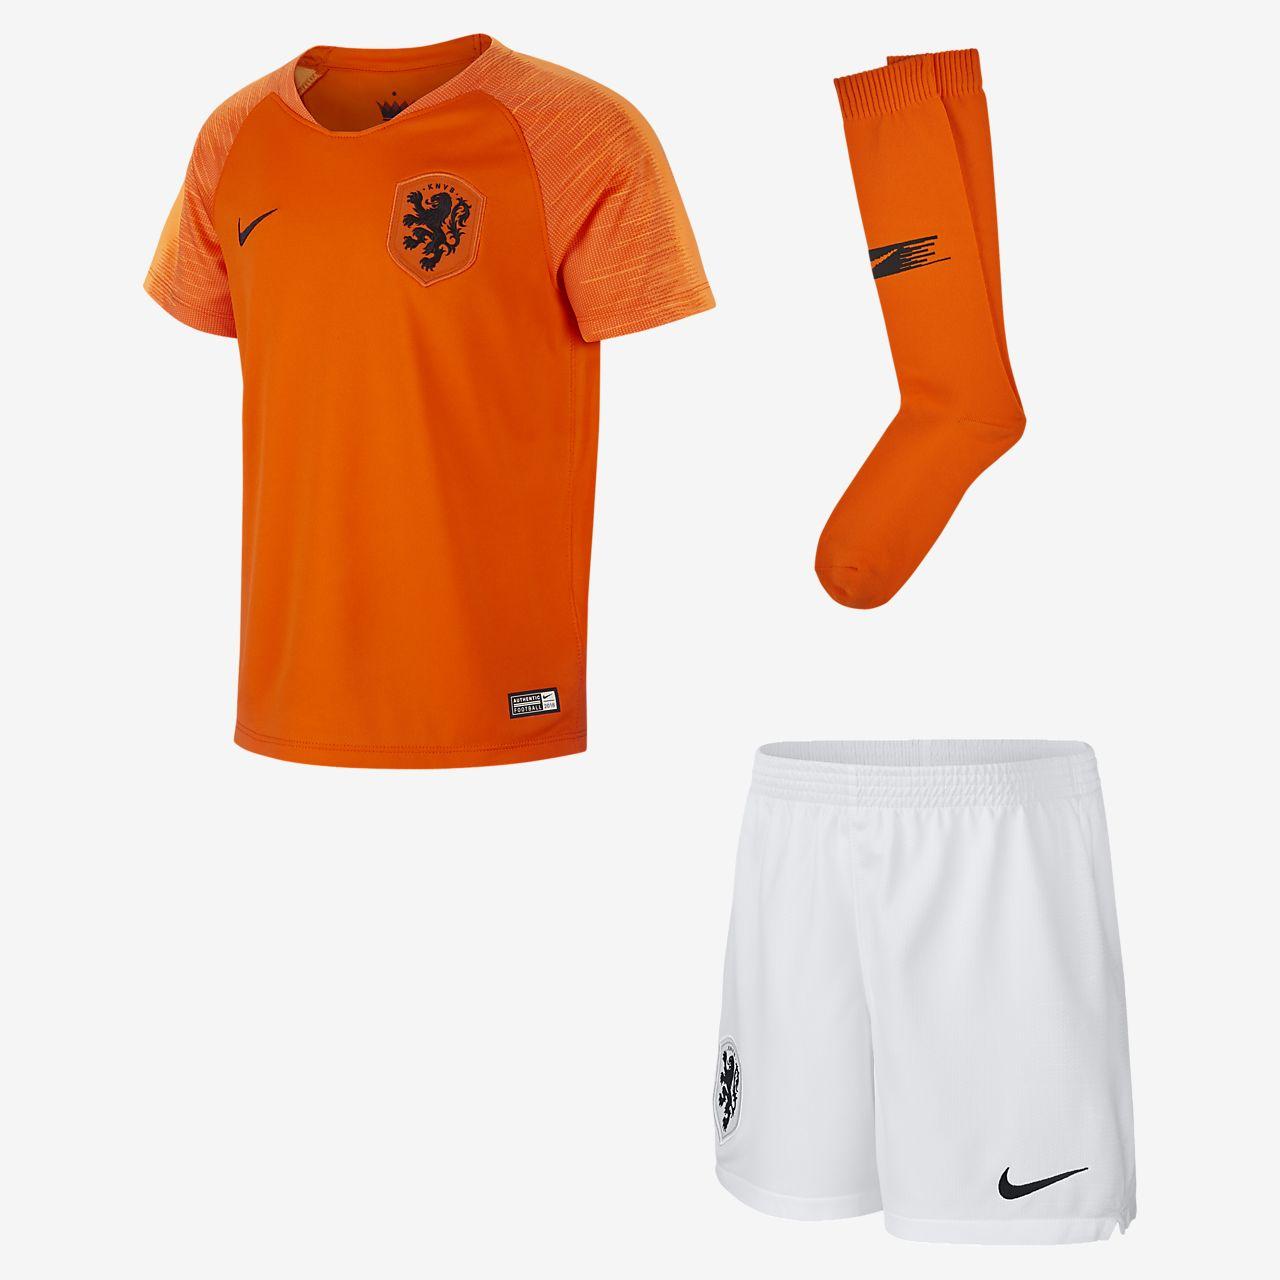 Tenue de football 2018/19 Netherlands Stadium Home pour Jeune enfant